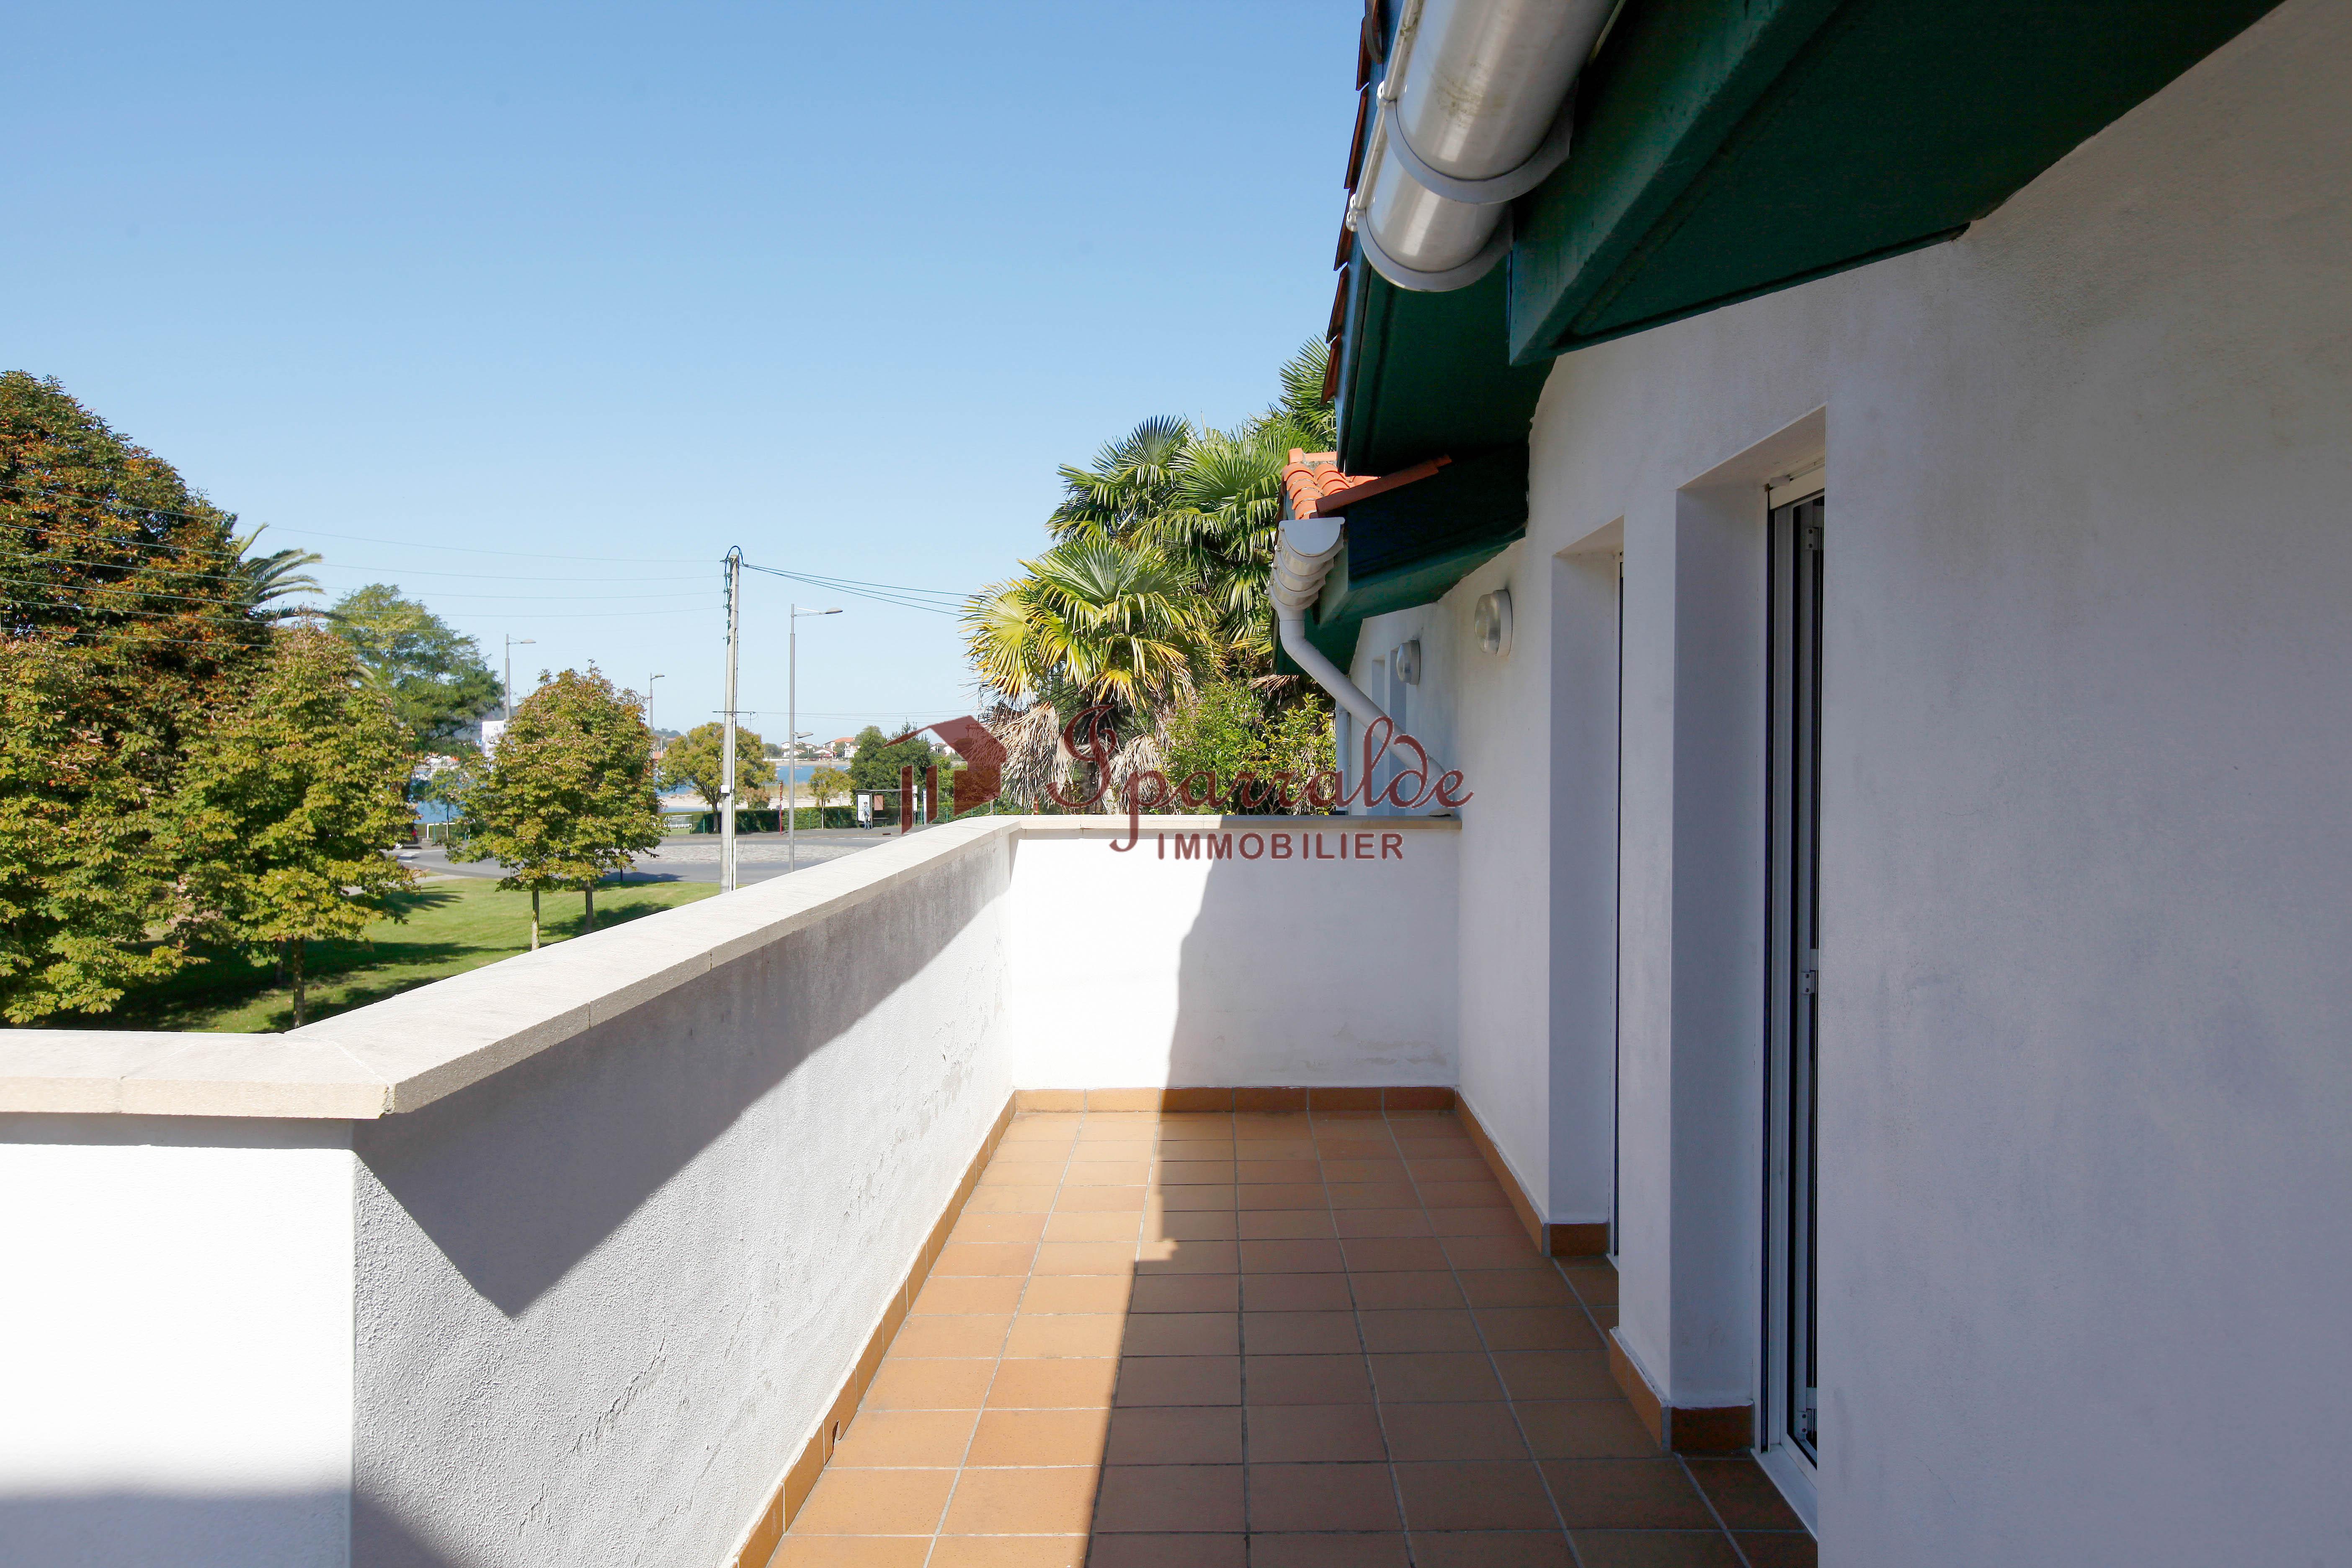 Bonito dúplex de 2 habitaciones situado en la bahía de Txingudi. En planta baja, aseo, cocina cerrada y salón-comedor con acceso a una preciosa terraza con vistas despejadas. En la planta superior, 2 habitaciones, baño y 2 terrazas. Garaje doble cerrado .